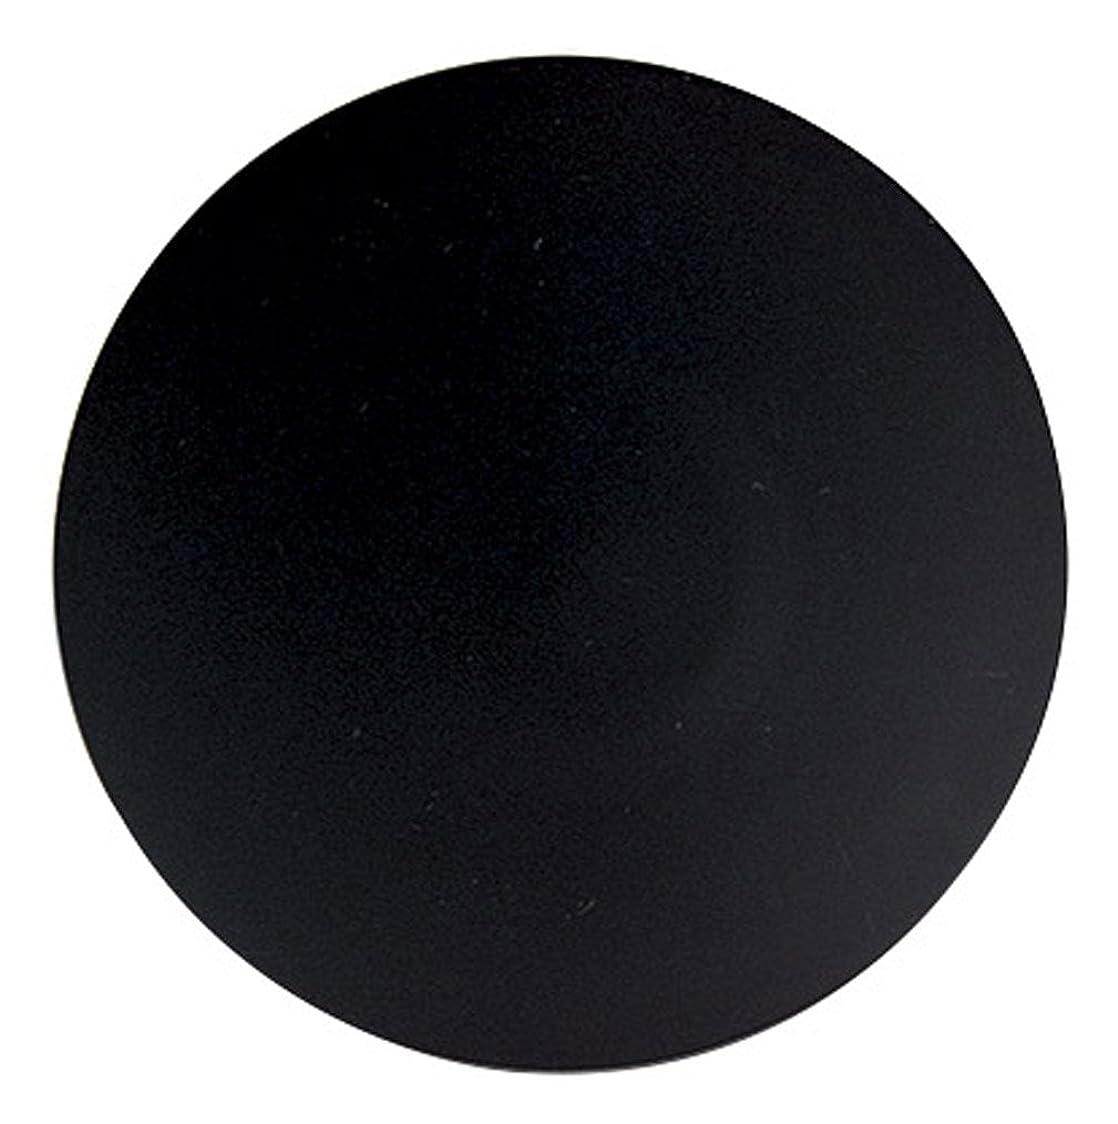 アウター効果的に仕える光洋陶器 パティオ 7寸5分丸皿 マットブラック 14730004